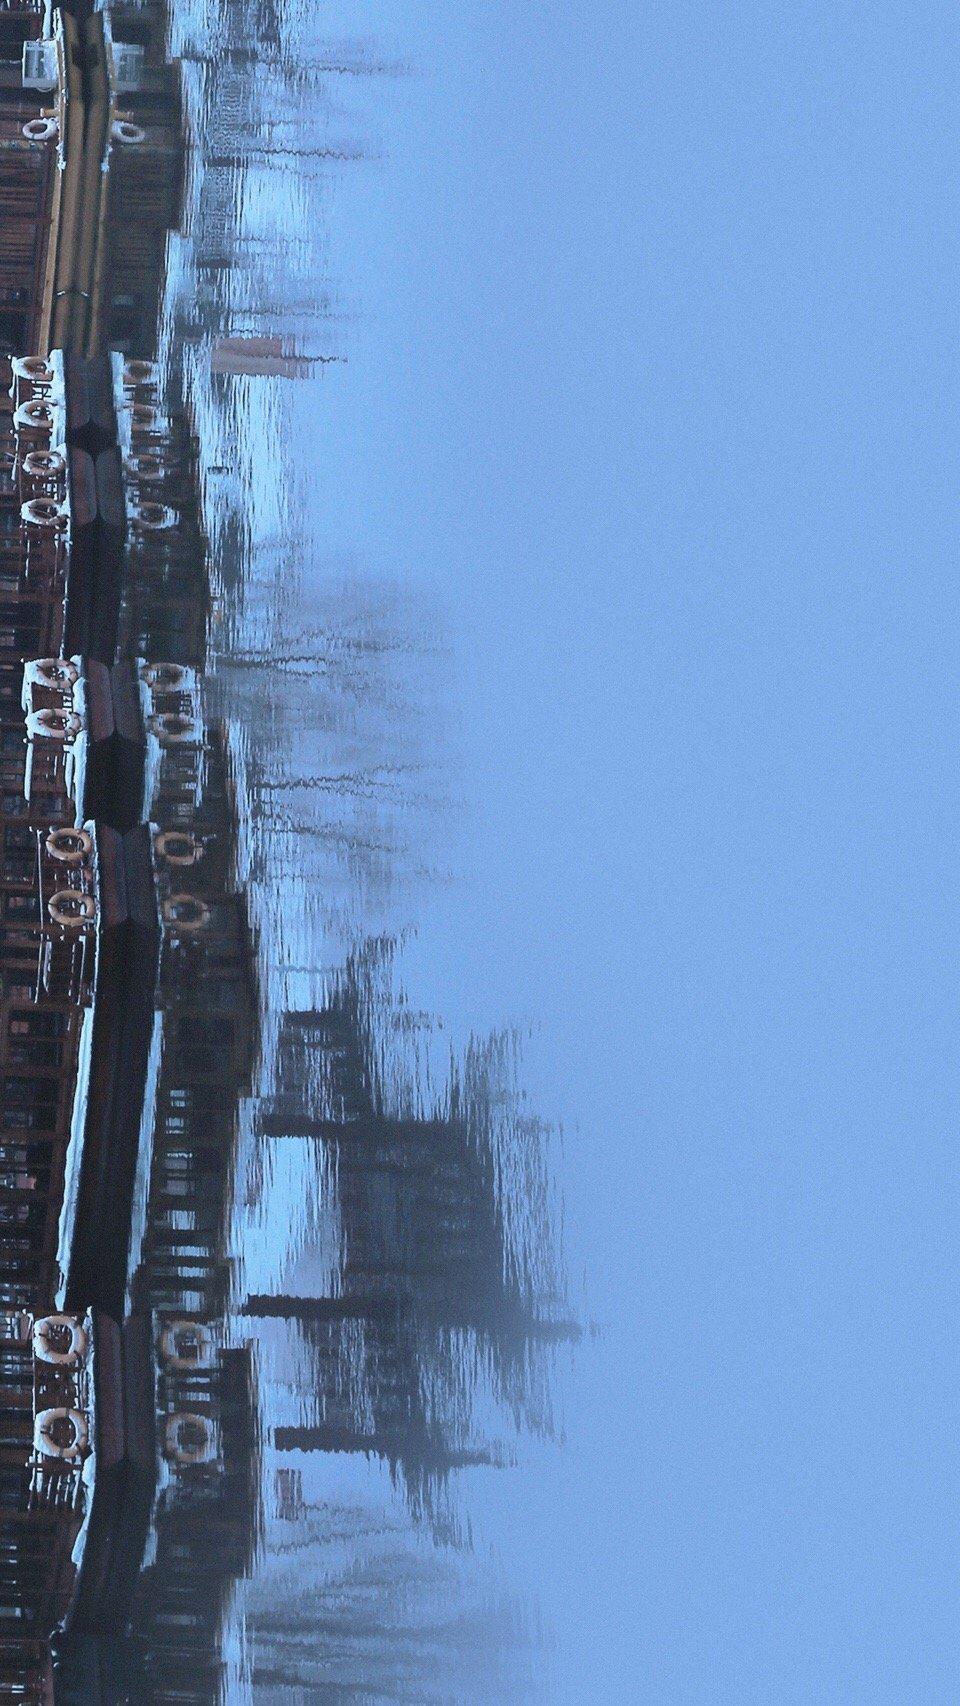 晓雪又逢金陵客,月落四野照人眠。 今日大雪。南京。 